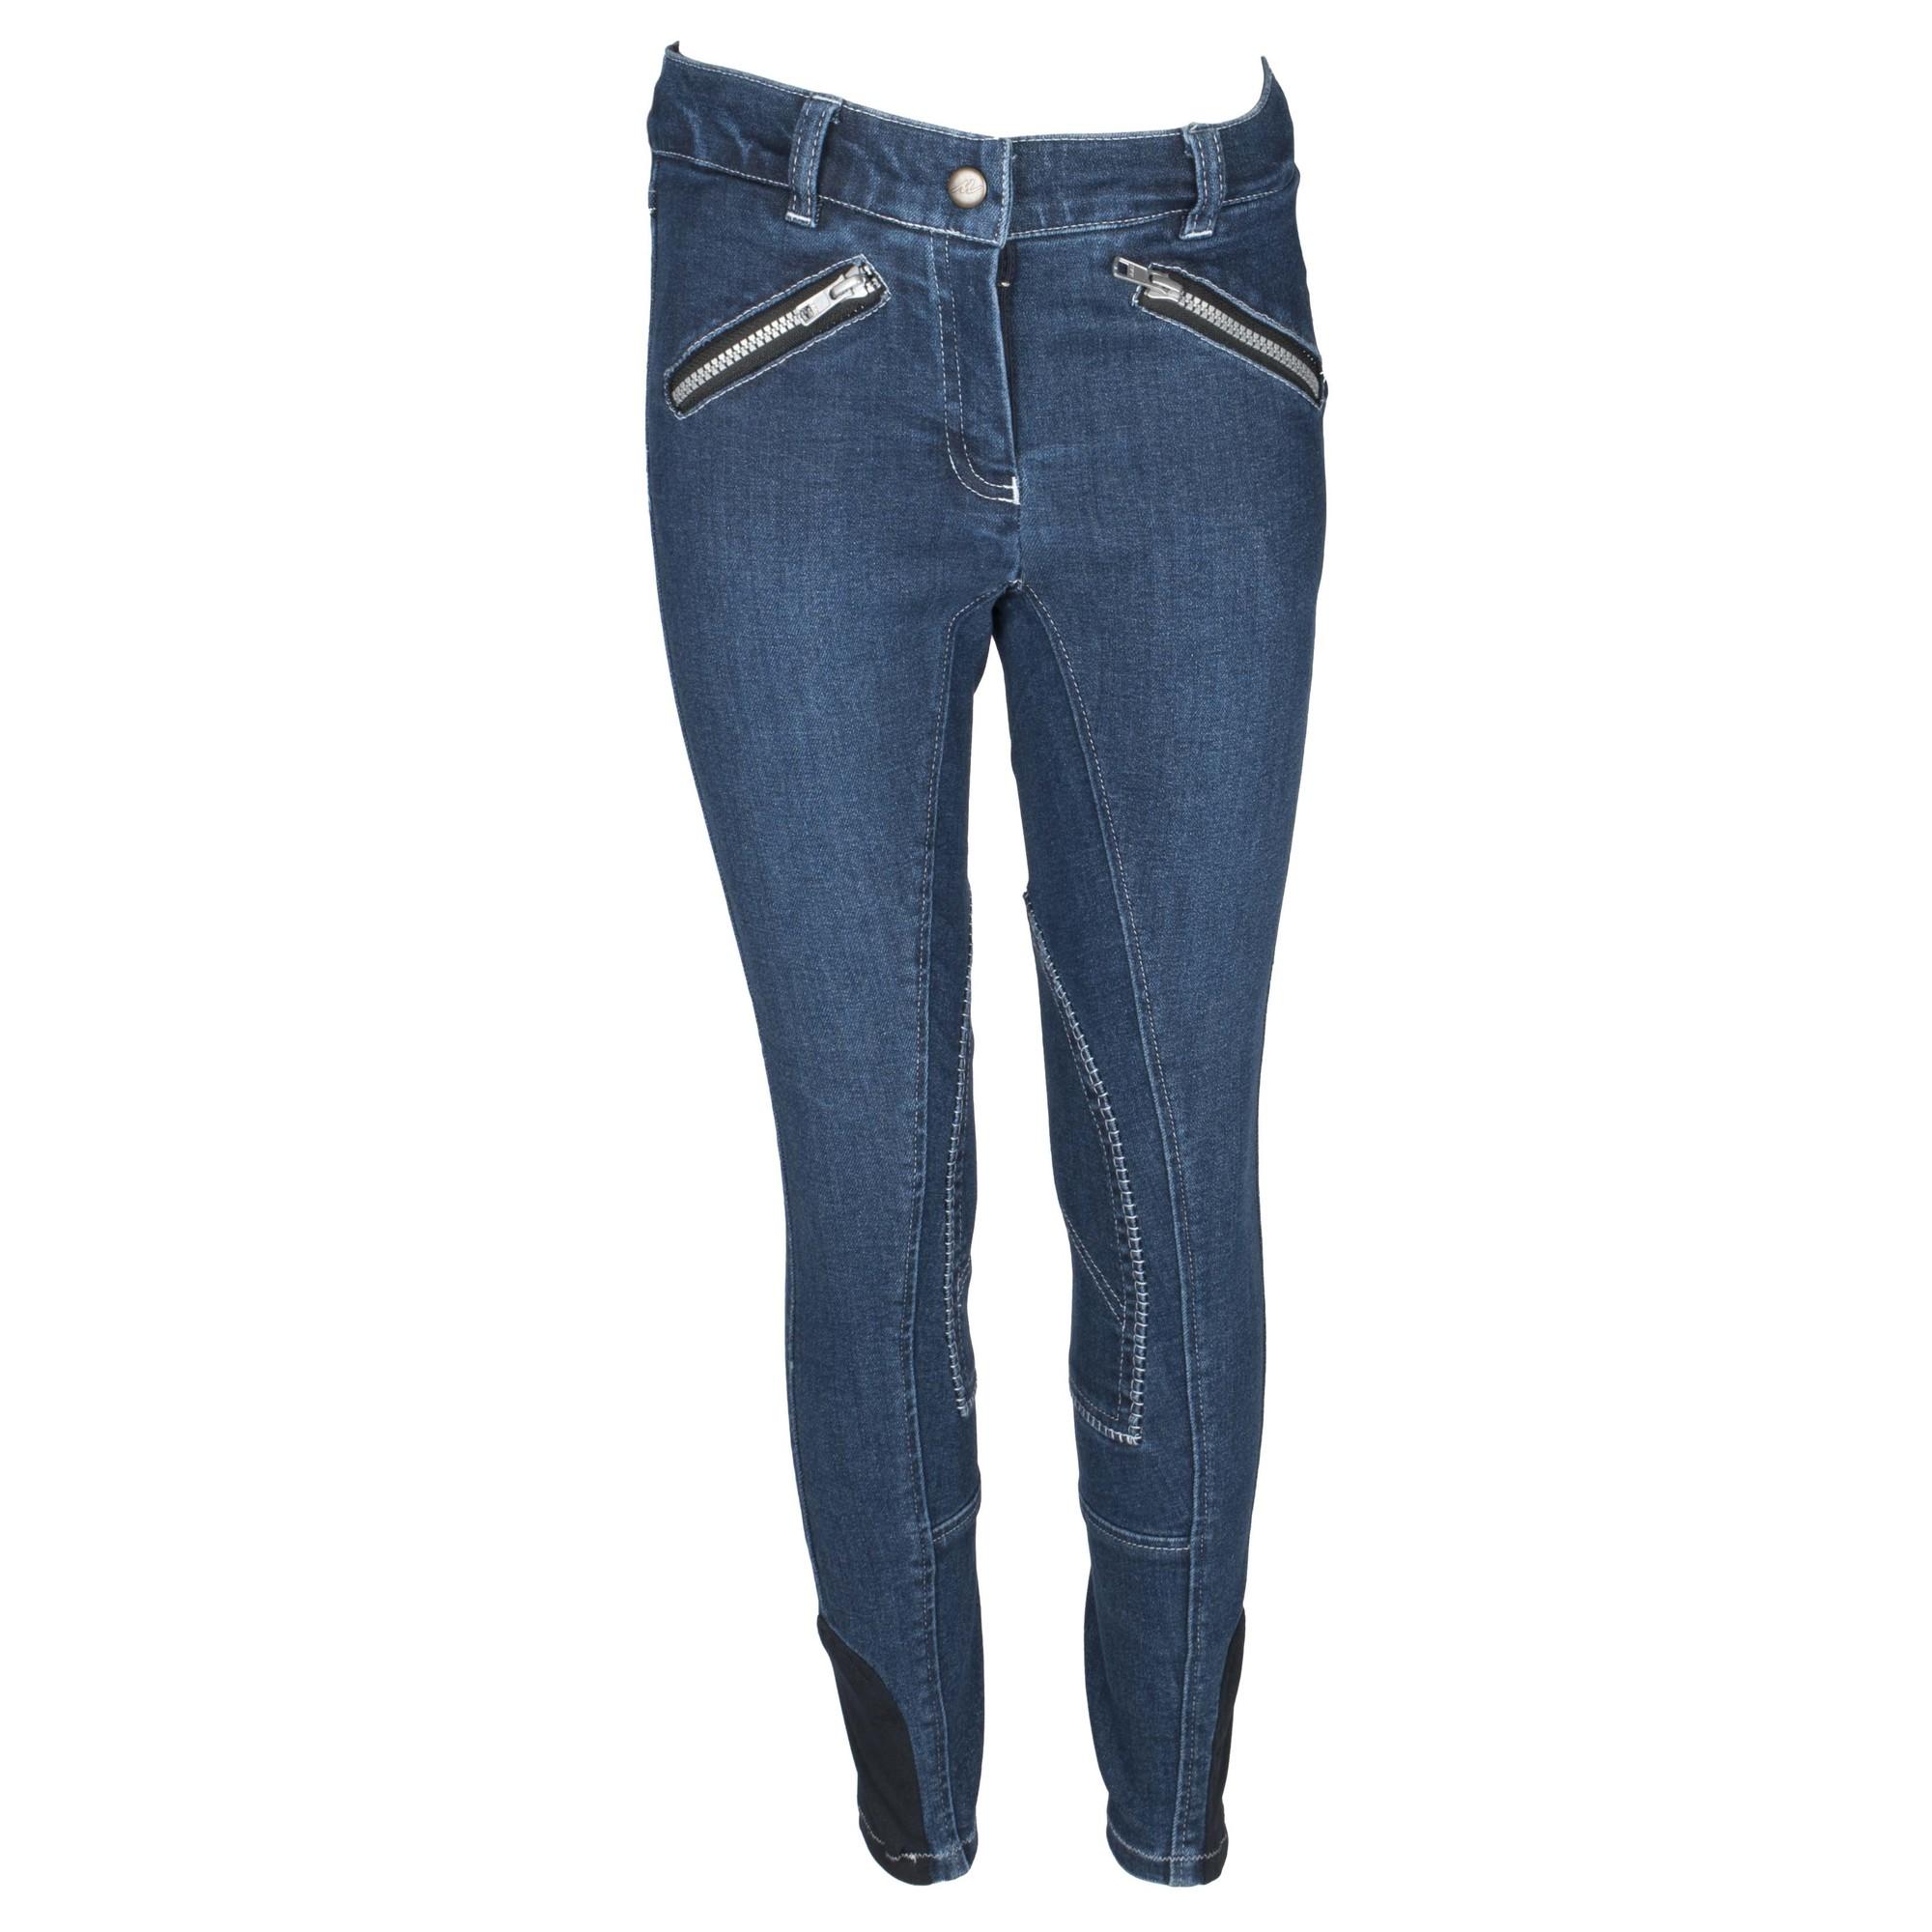 Mondoni Jeans kinder rijbroek jeans maat:152